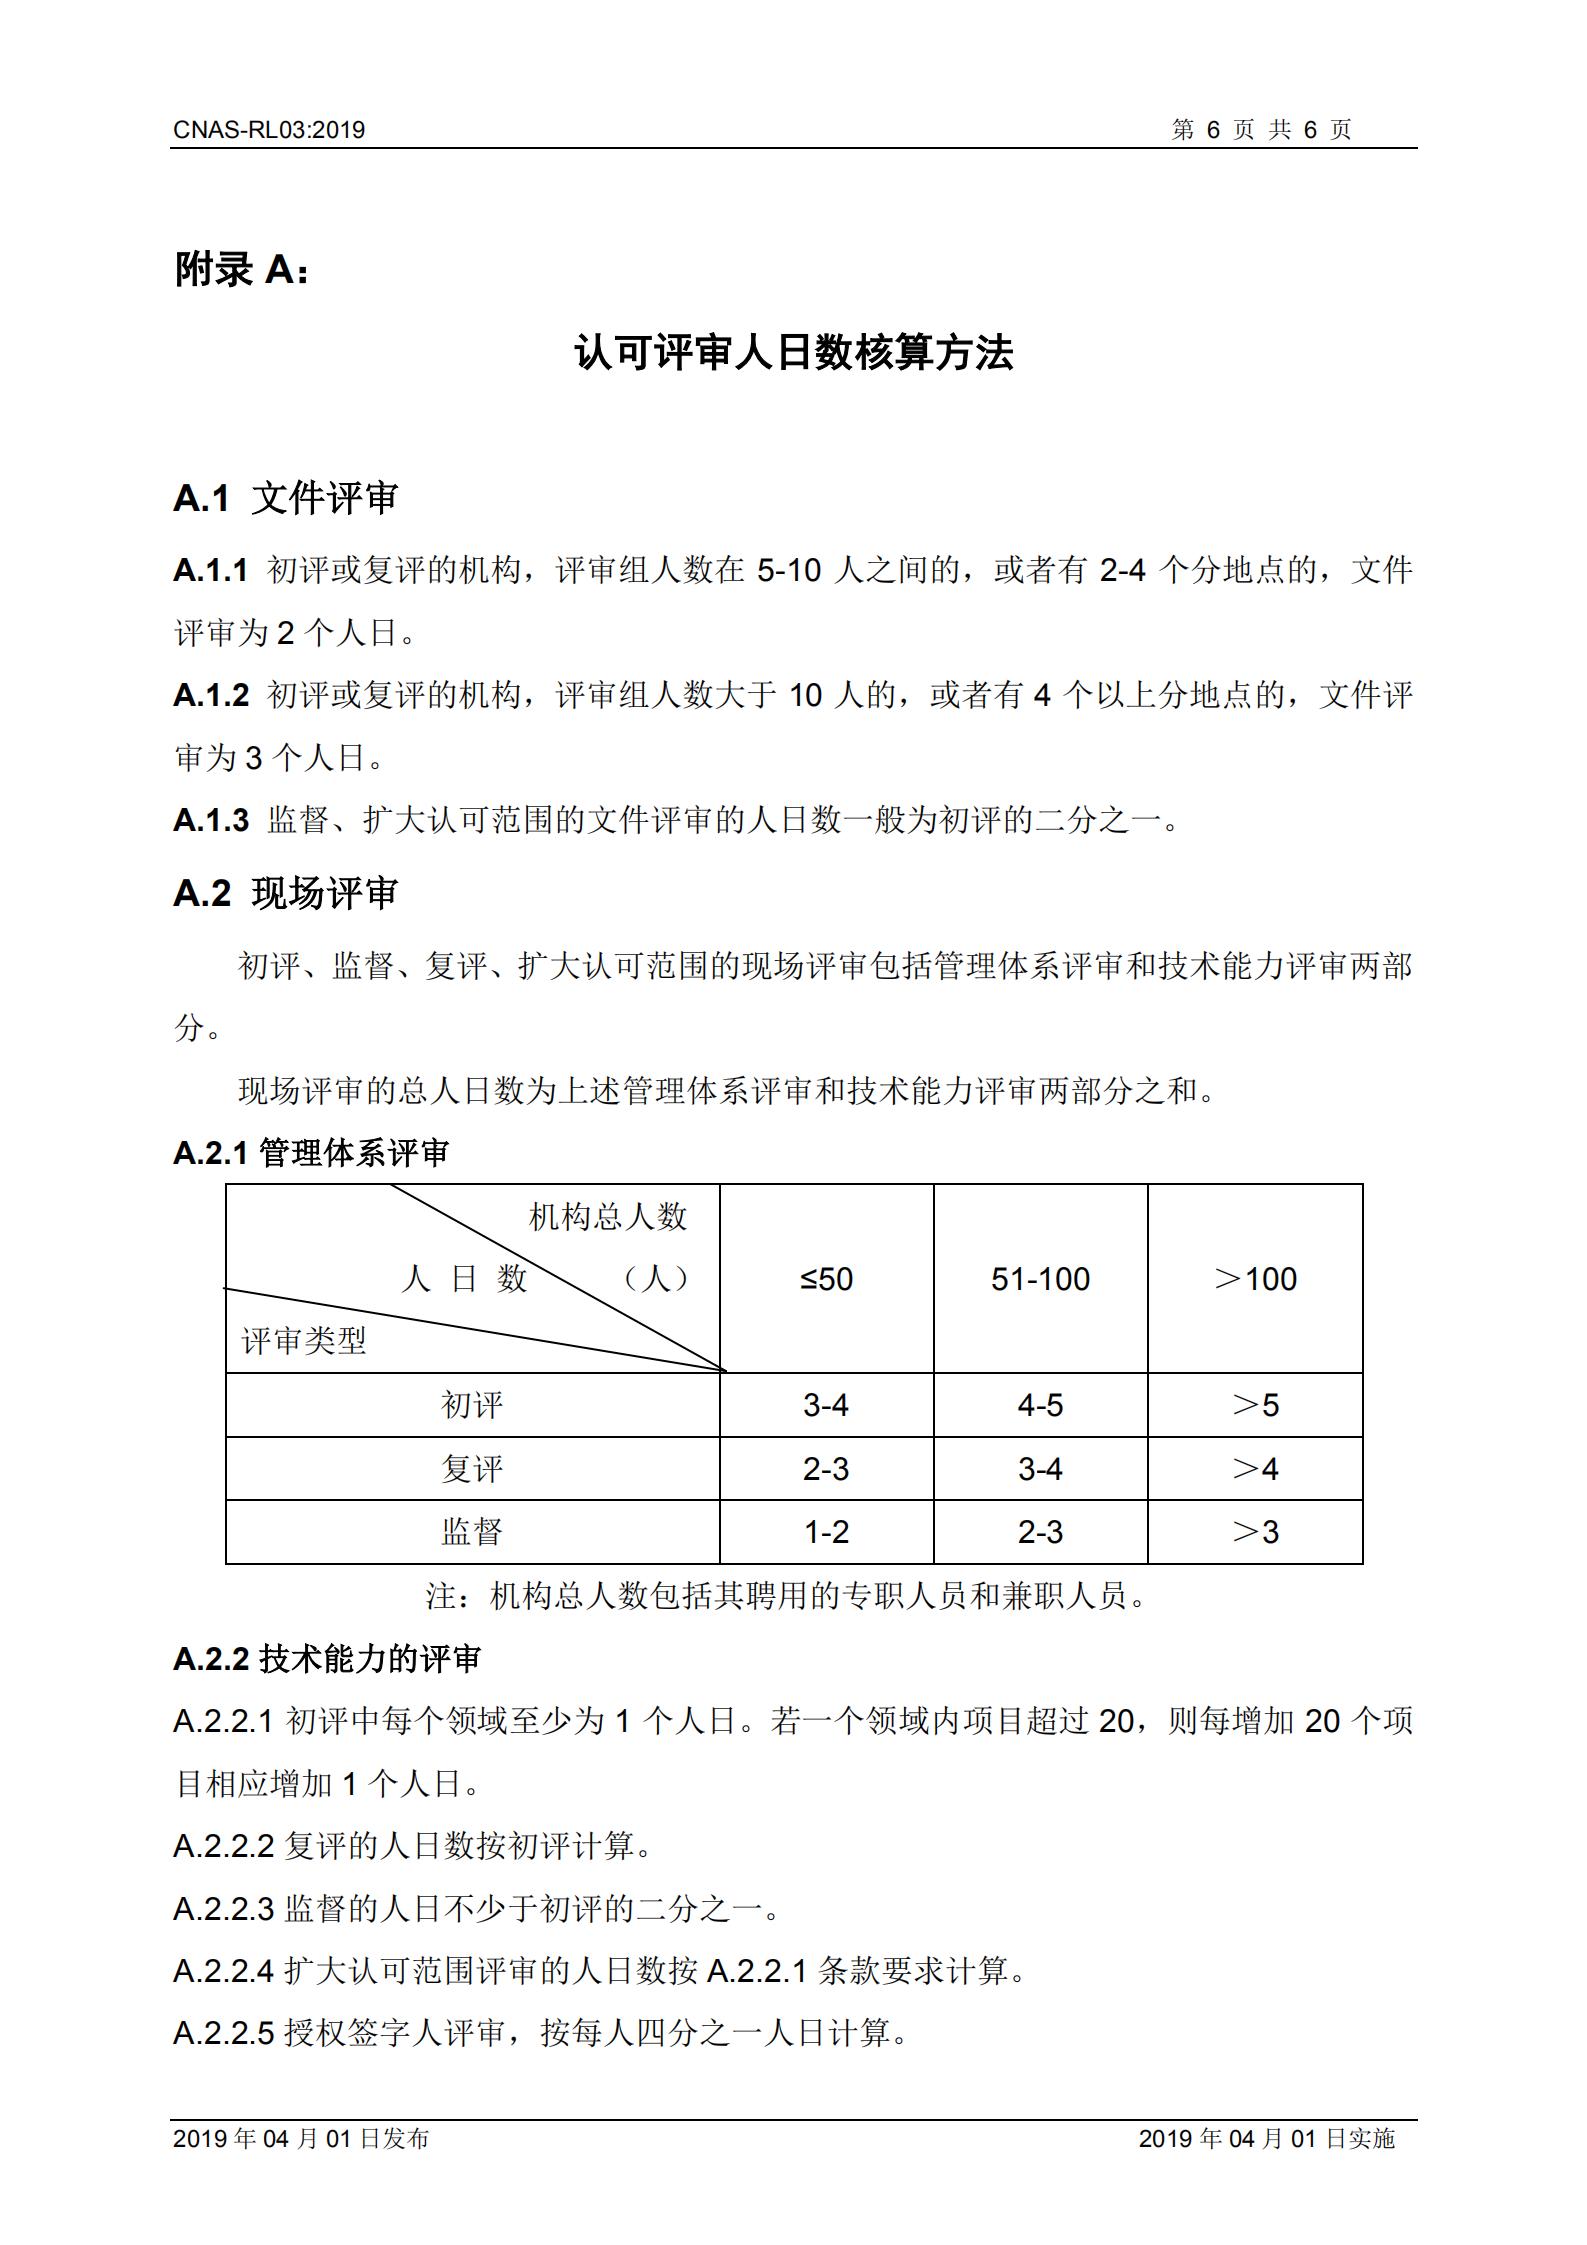 2019《实验室和检验机构认可收费管理规则》_06.png